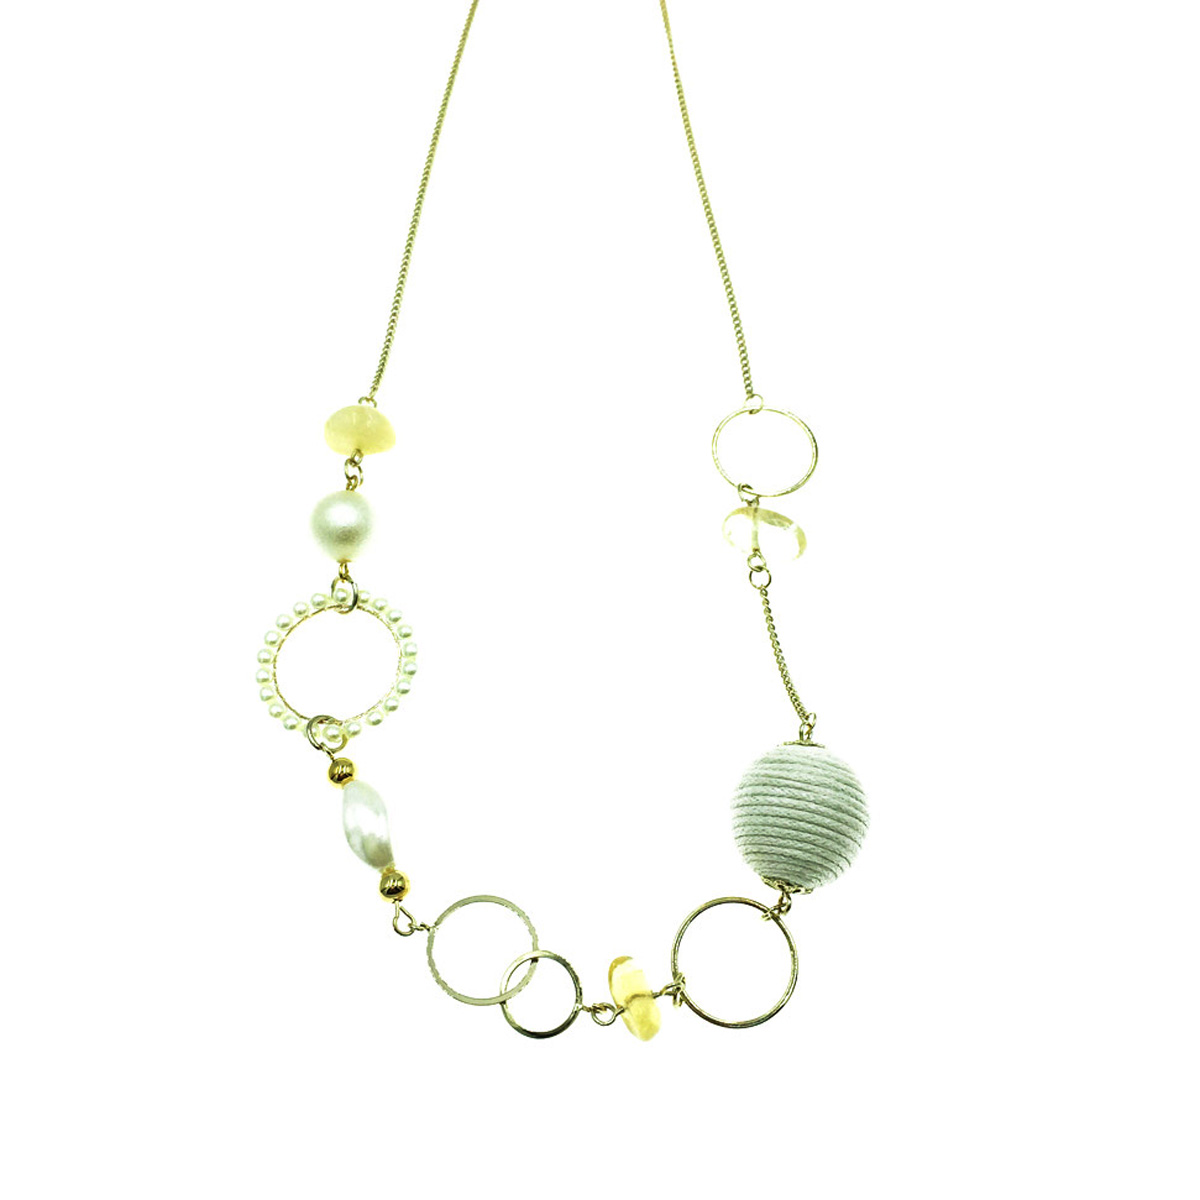 韓國 珍珠 串珠 氣質 方型圓形 簡約幾何 長項鍊